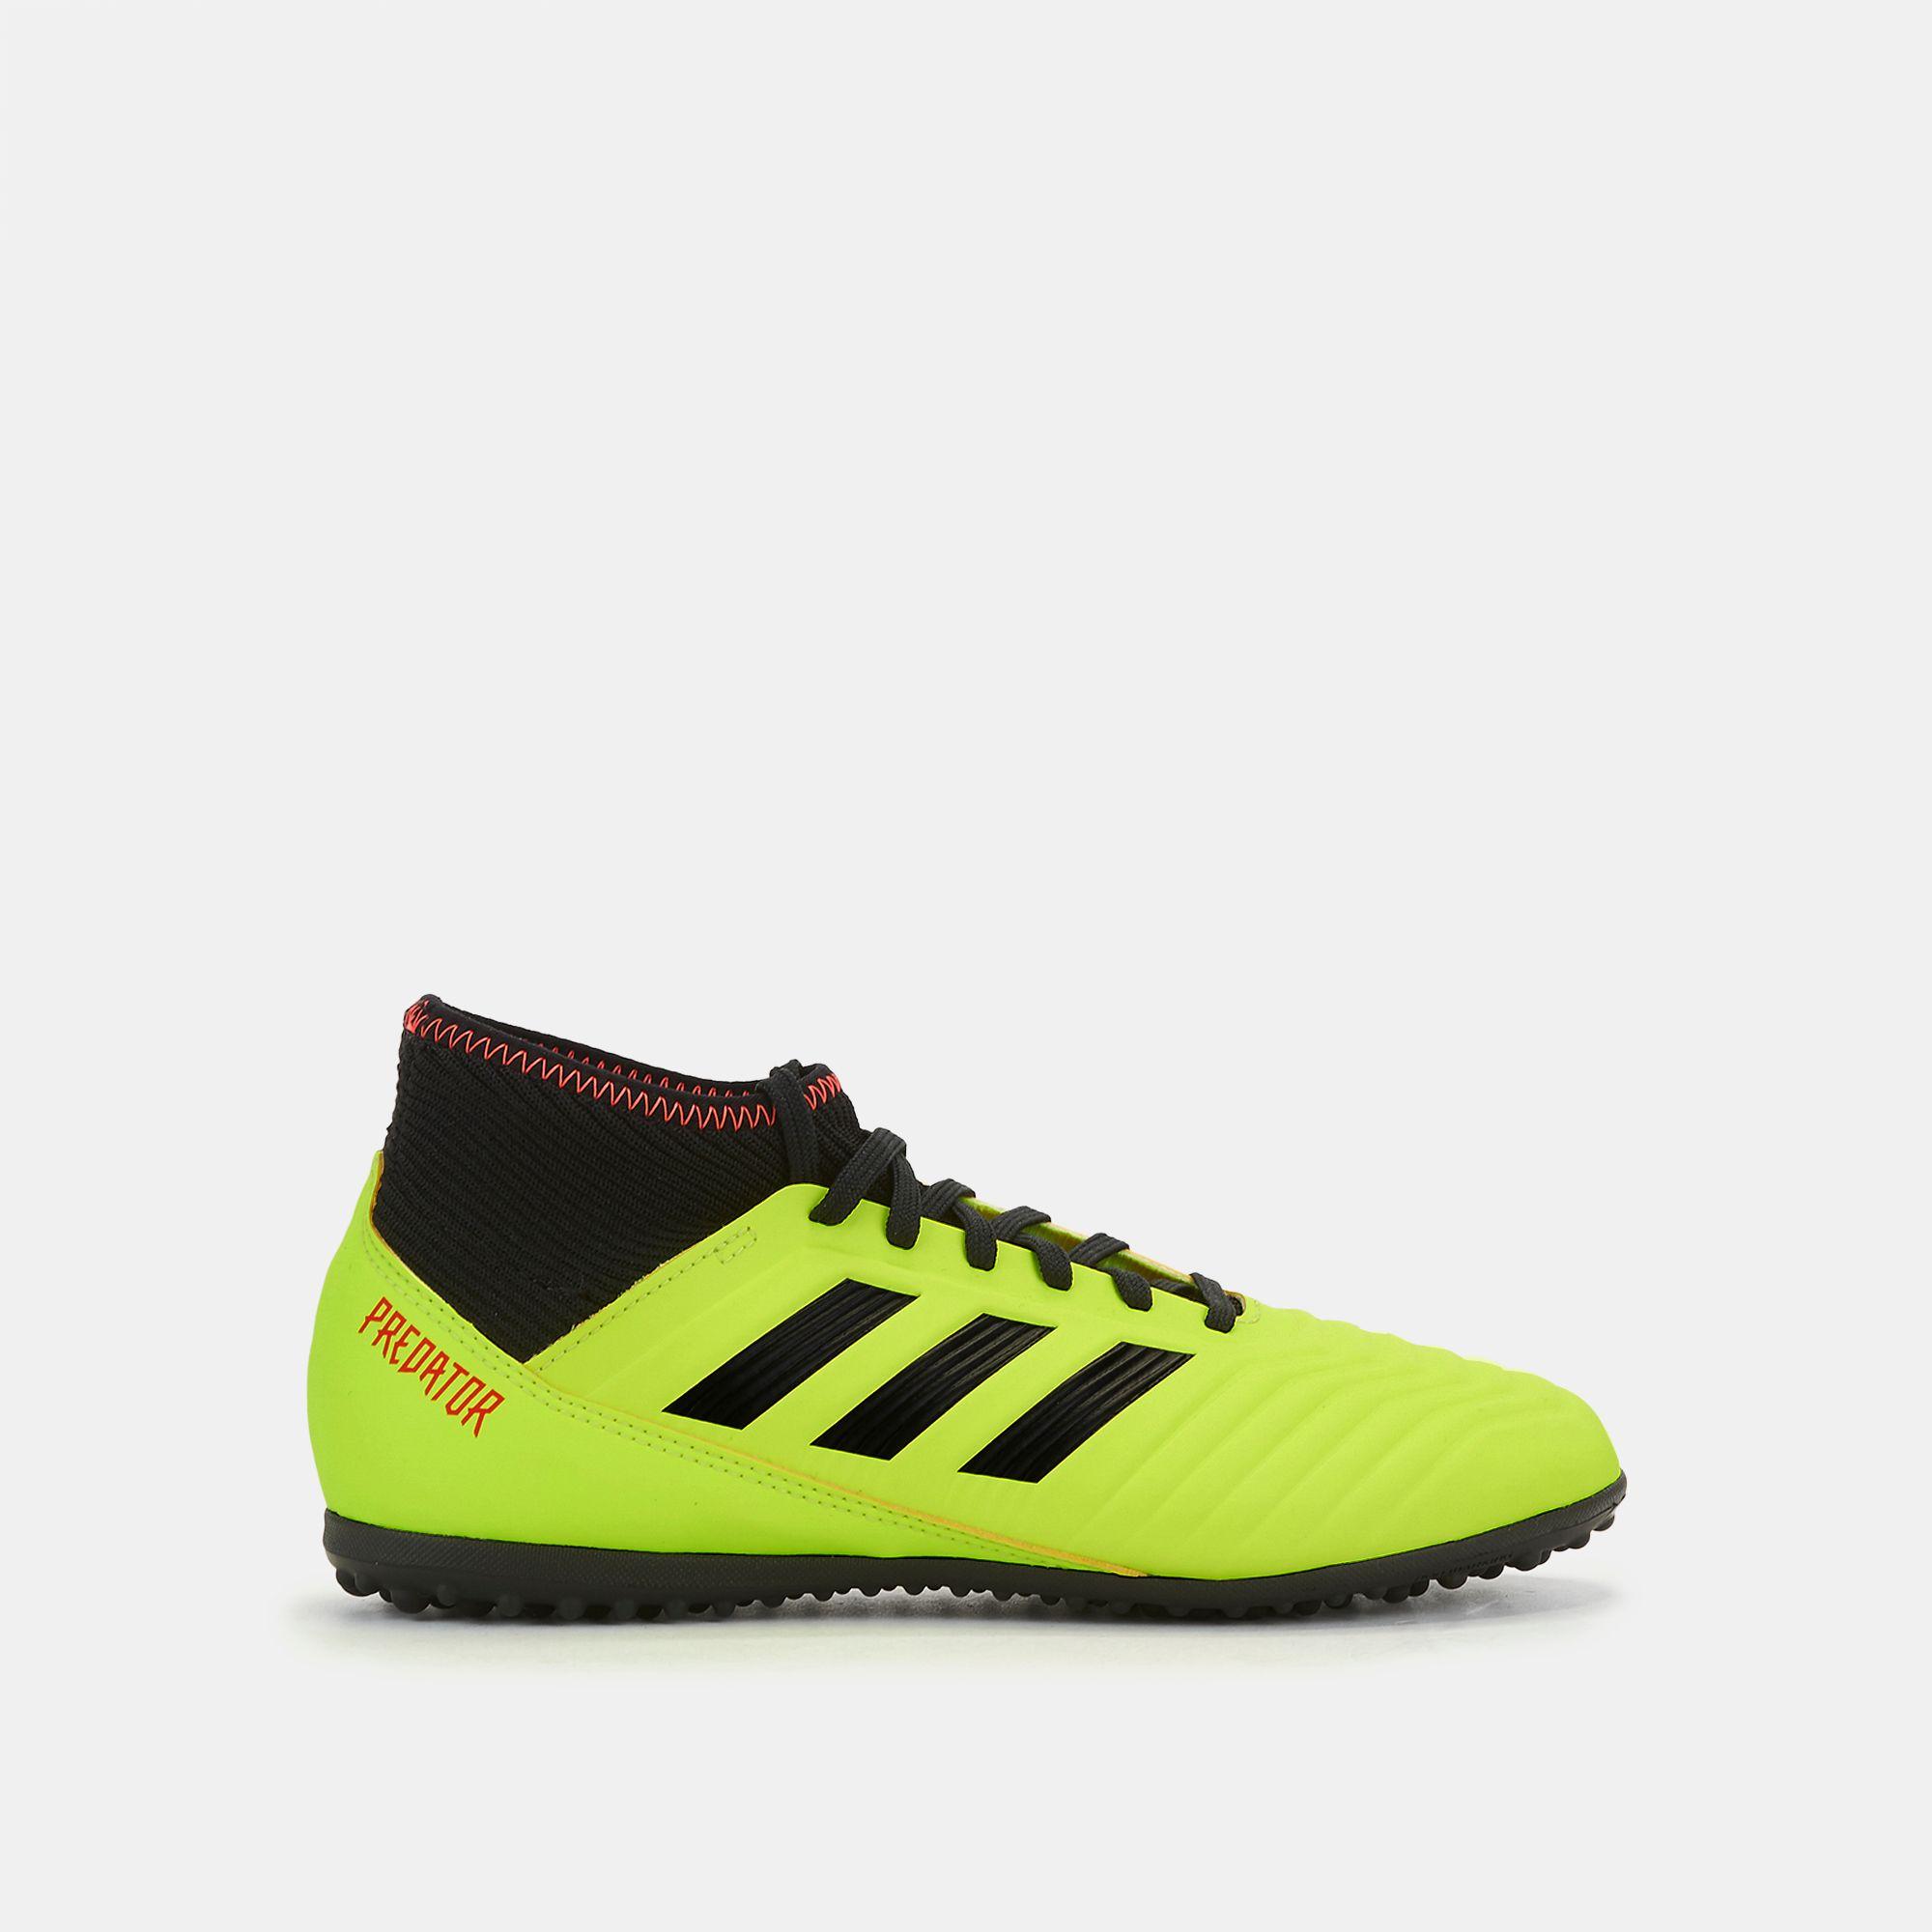 6765750b9 adidas Kids' Energy Mode Predator Tango 18.3 Turf Ground Football ...